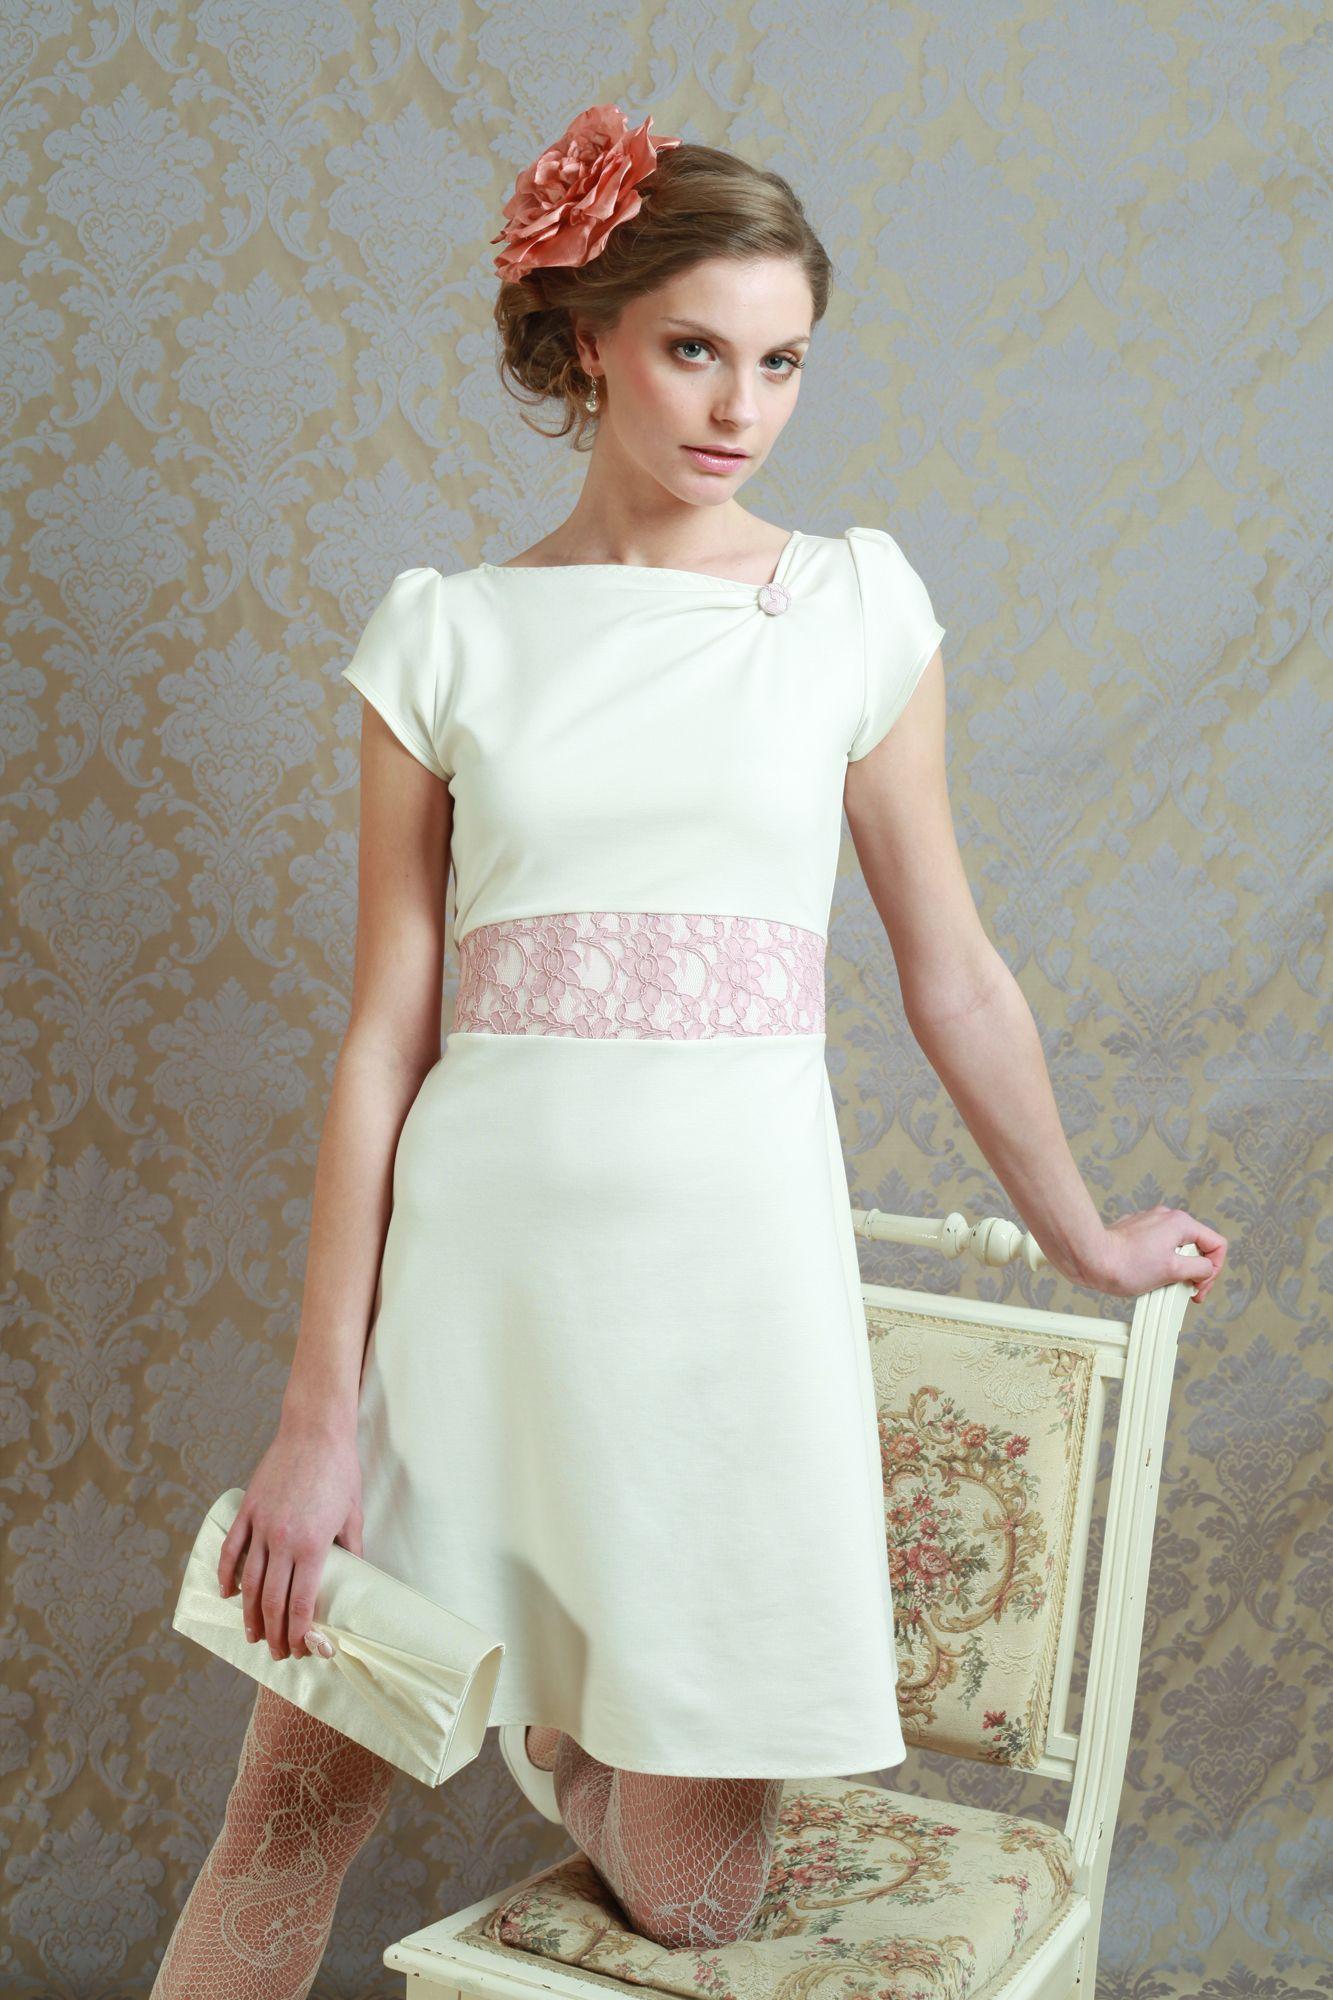 Labude - Brautkleid Audrey aus weich fallendem Jerseymaterial bei gerafftem Ausschnitt und Gürtelteil aus roséfarbener Spitze